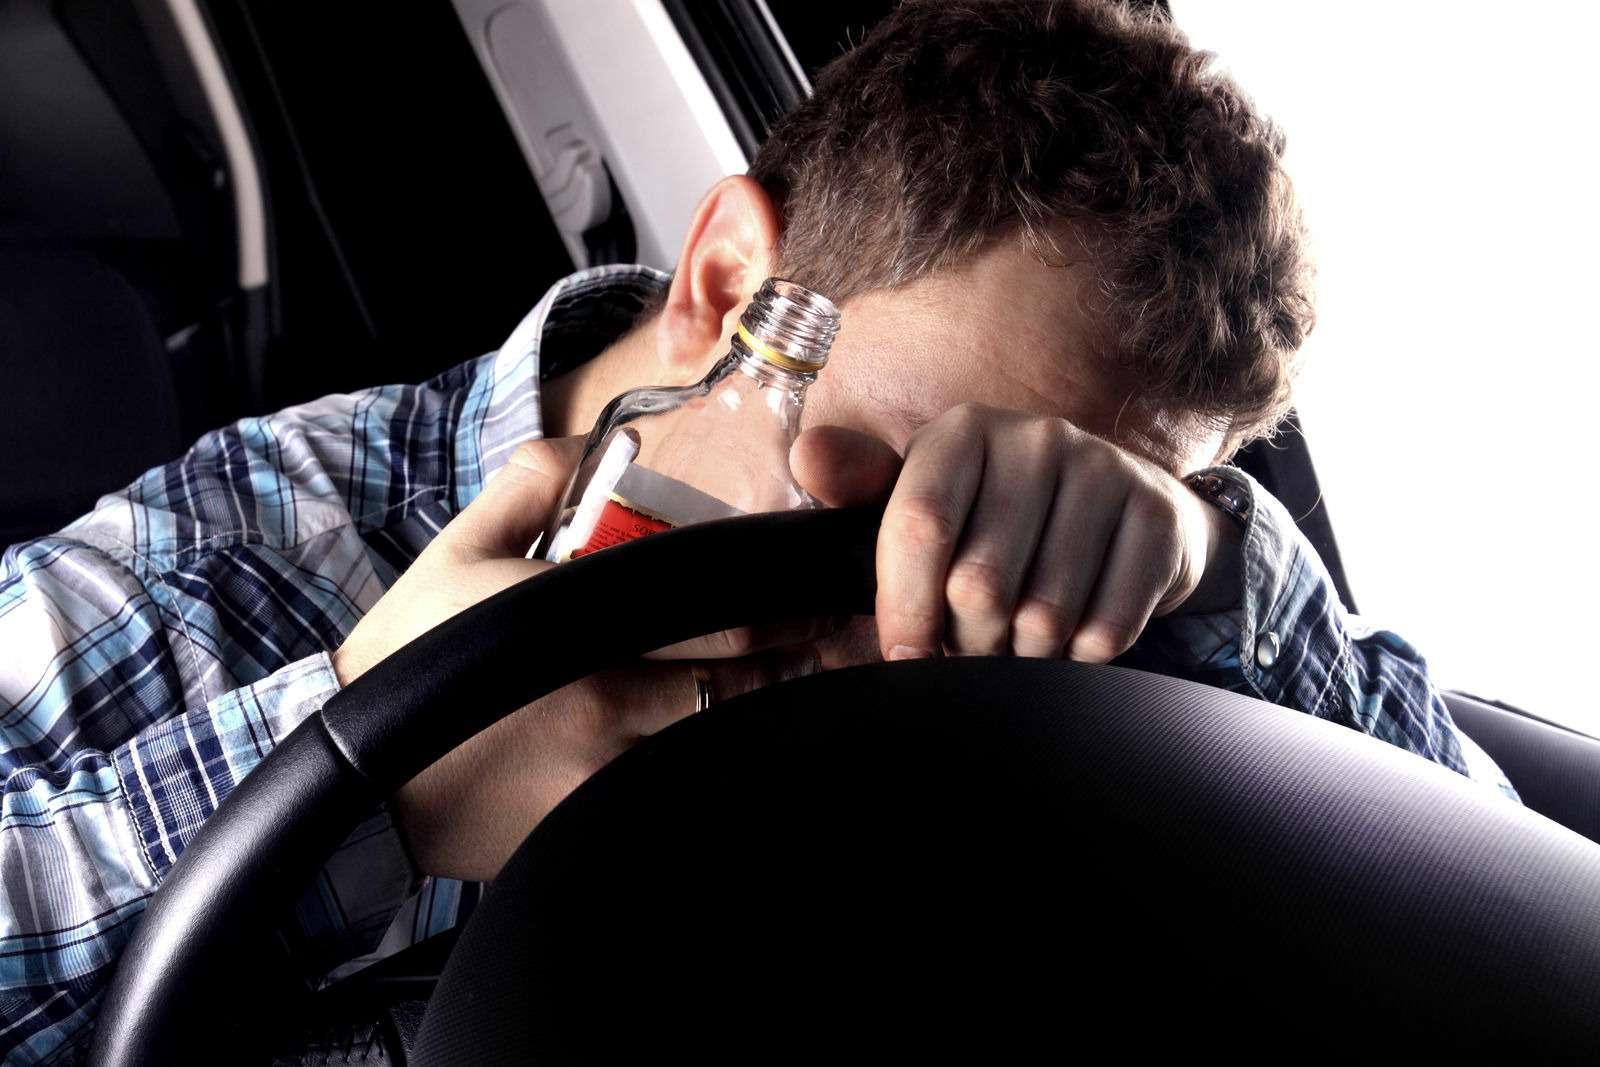 Volvo не даст пьяным водителям управлять автомобилем— фото 958918